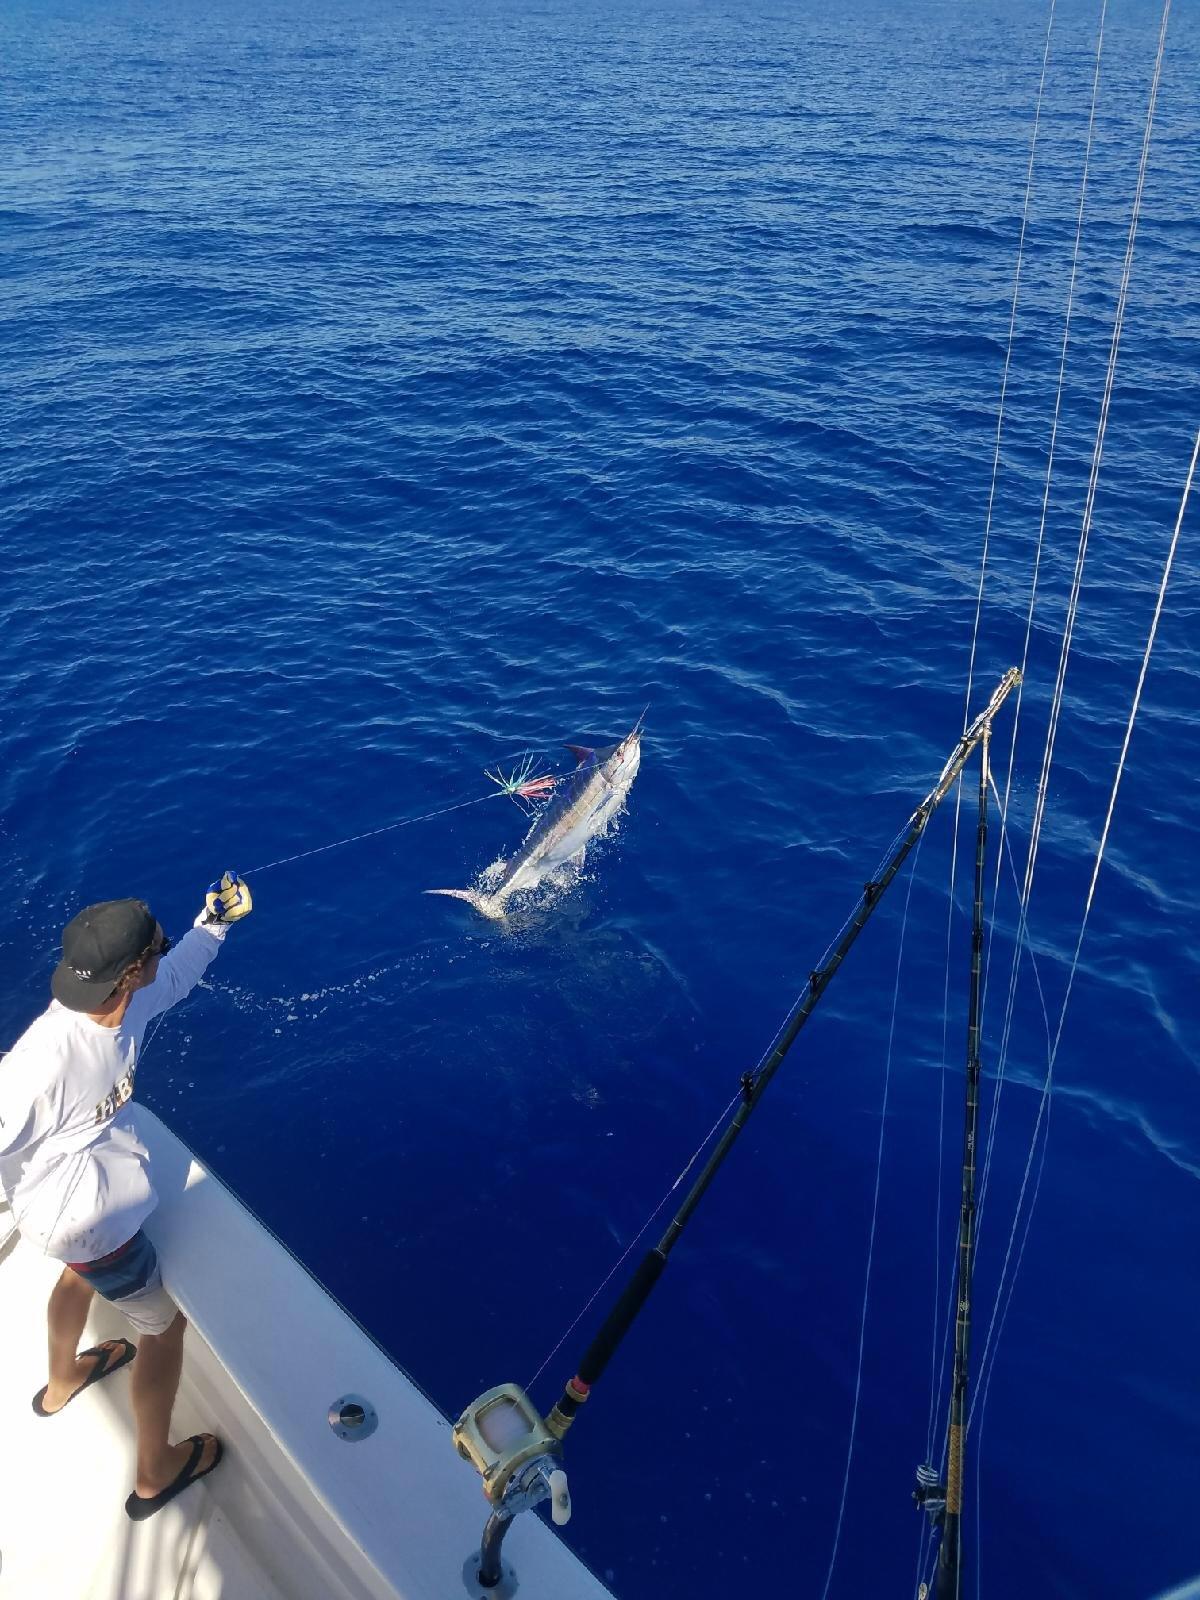 Blue marlin deep sea fishing Kona